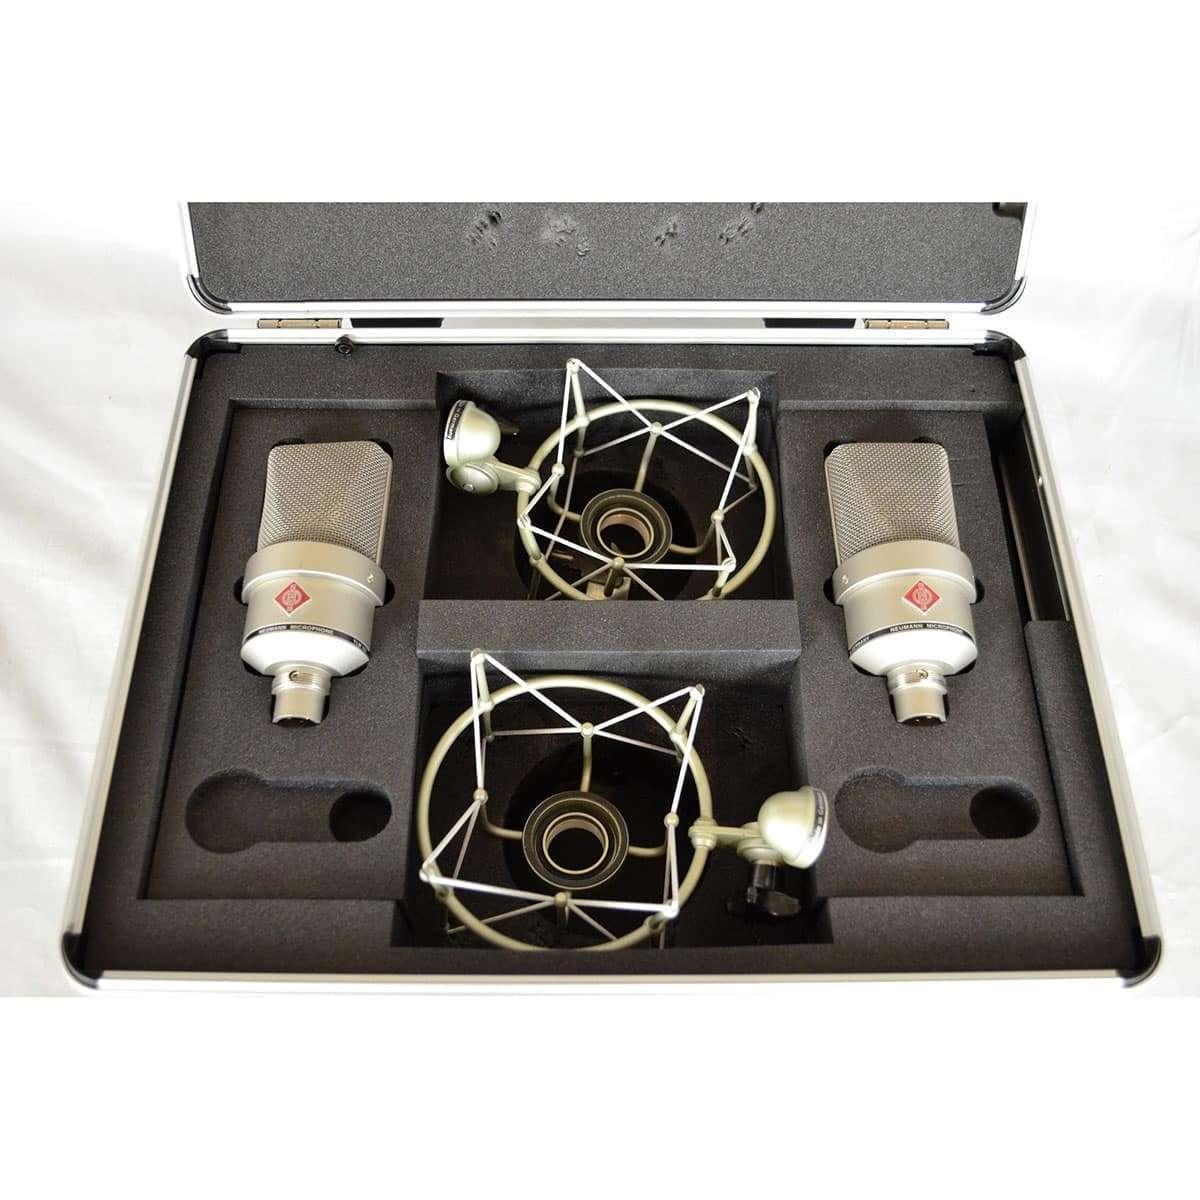 Neumann TLM 103 stereo set 01 Microfoni a Condensatore, Microfoni professionali, Strumentazioni Pro Audio per studi di registrazione